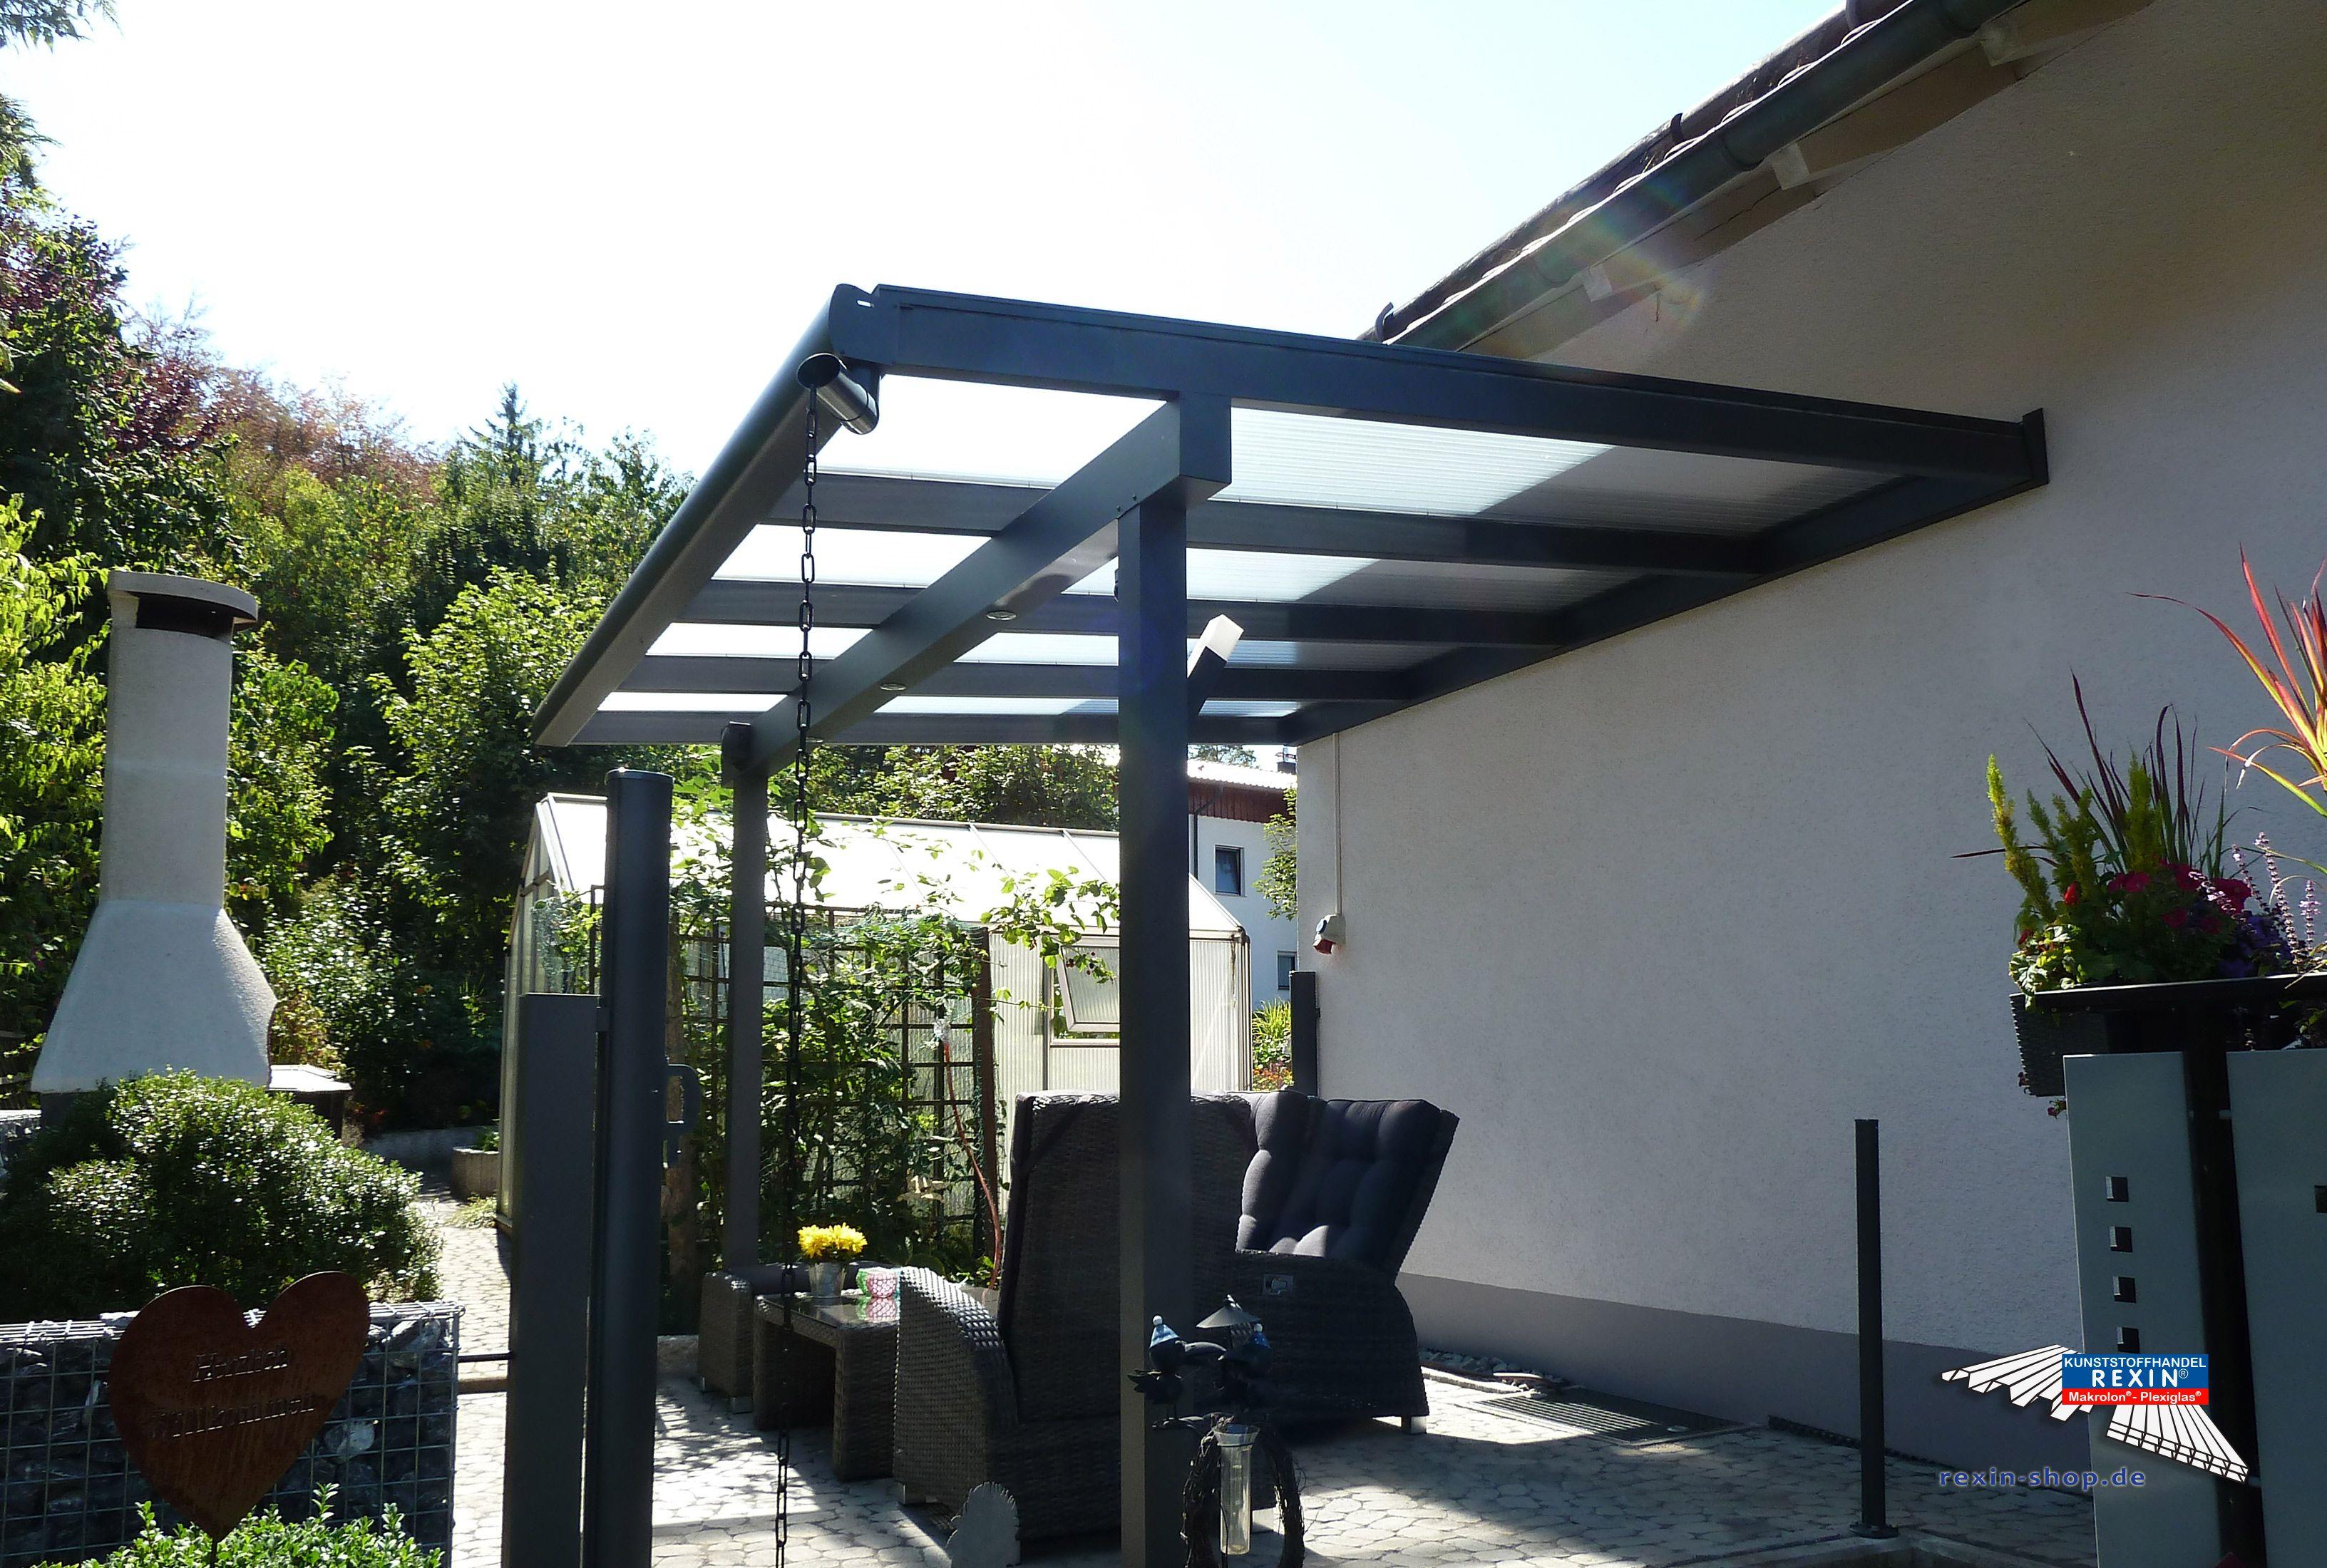 Best Ein Alu Terrassendach der Marke REXOclassic m x m in Anthrazit mit Plexiglas